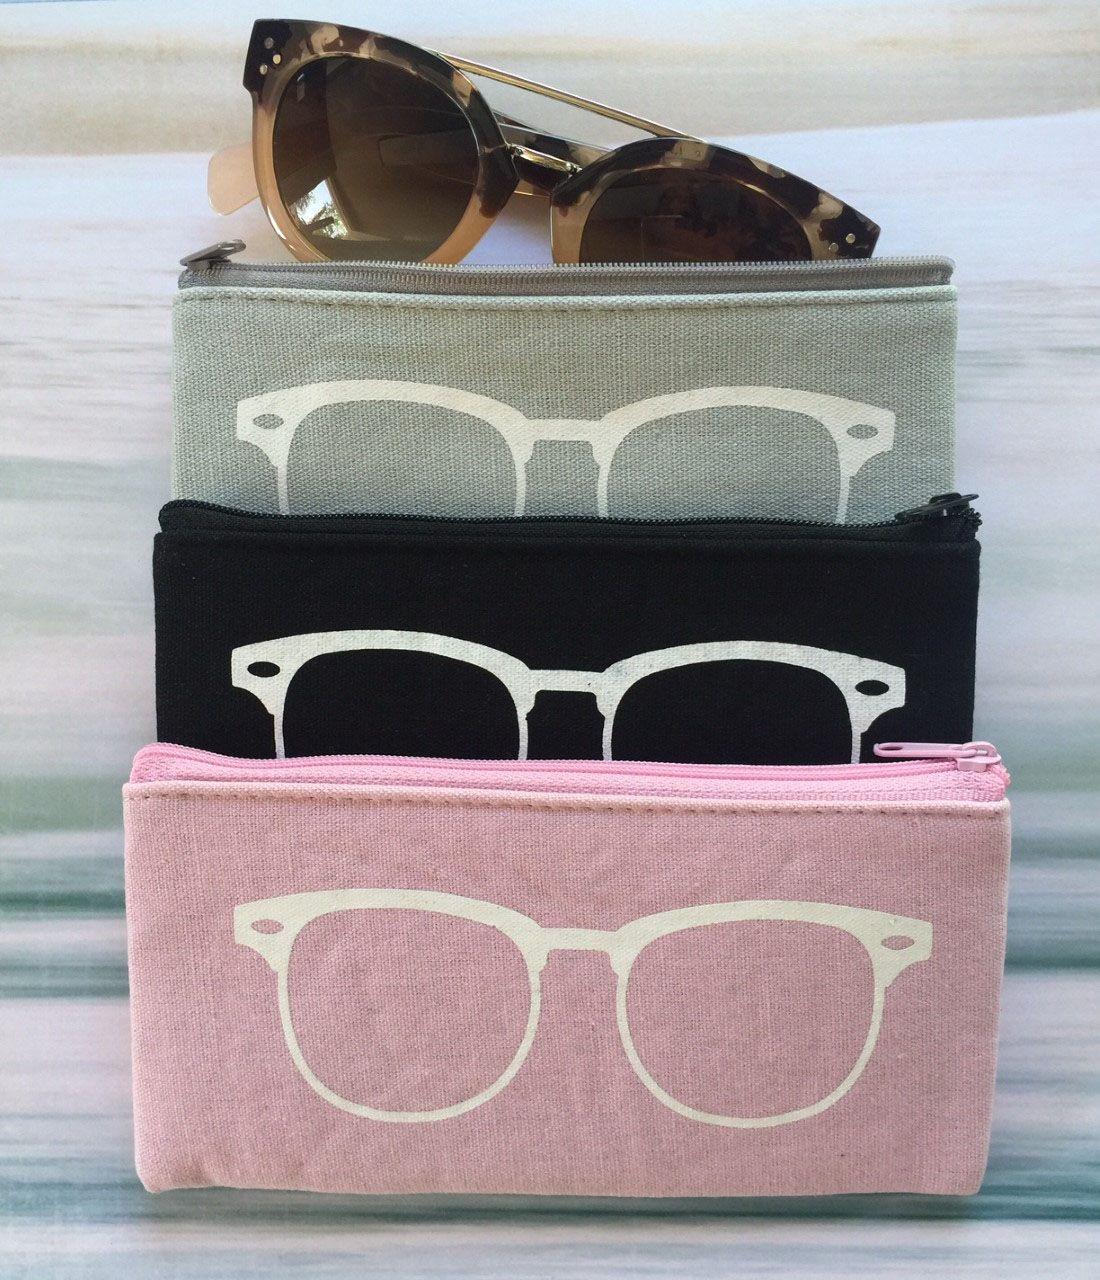 Linen Sunglasses Pouch - 3 Colors - $7.99. https://www.bellechic.com/deals/7f29d685089b/linen-sunglasses-pouch-3-colors